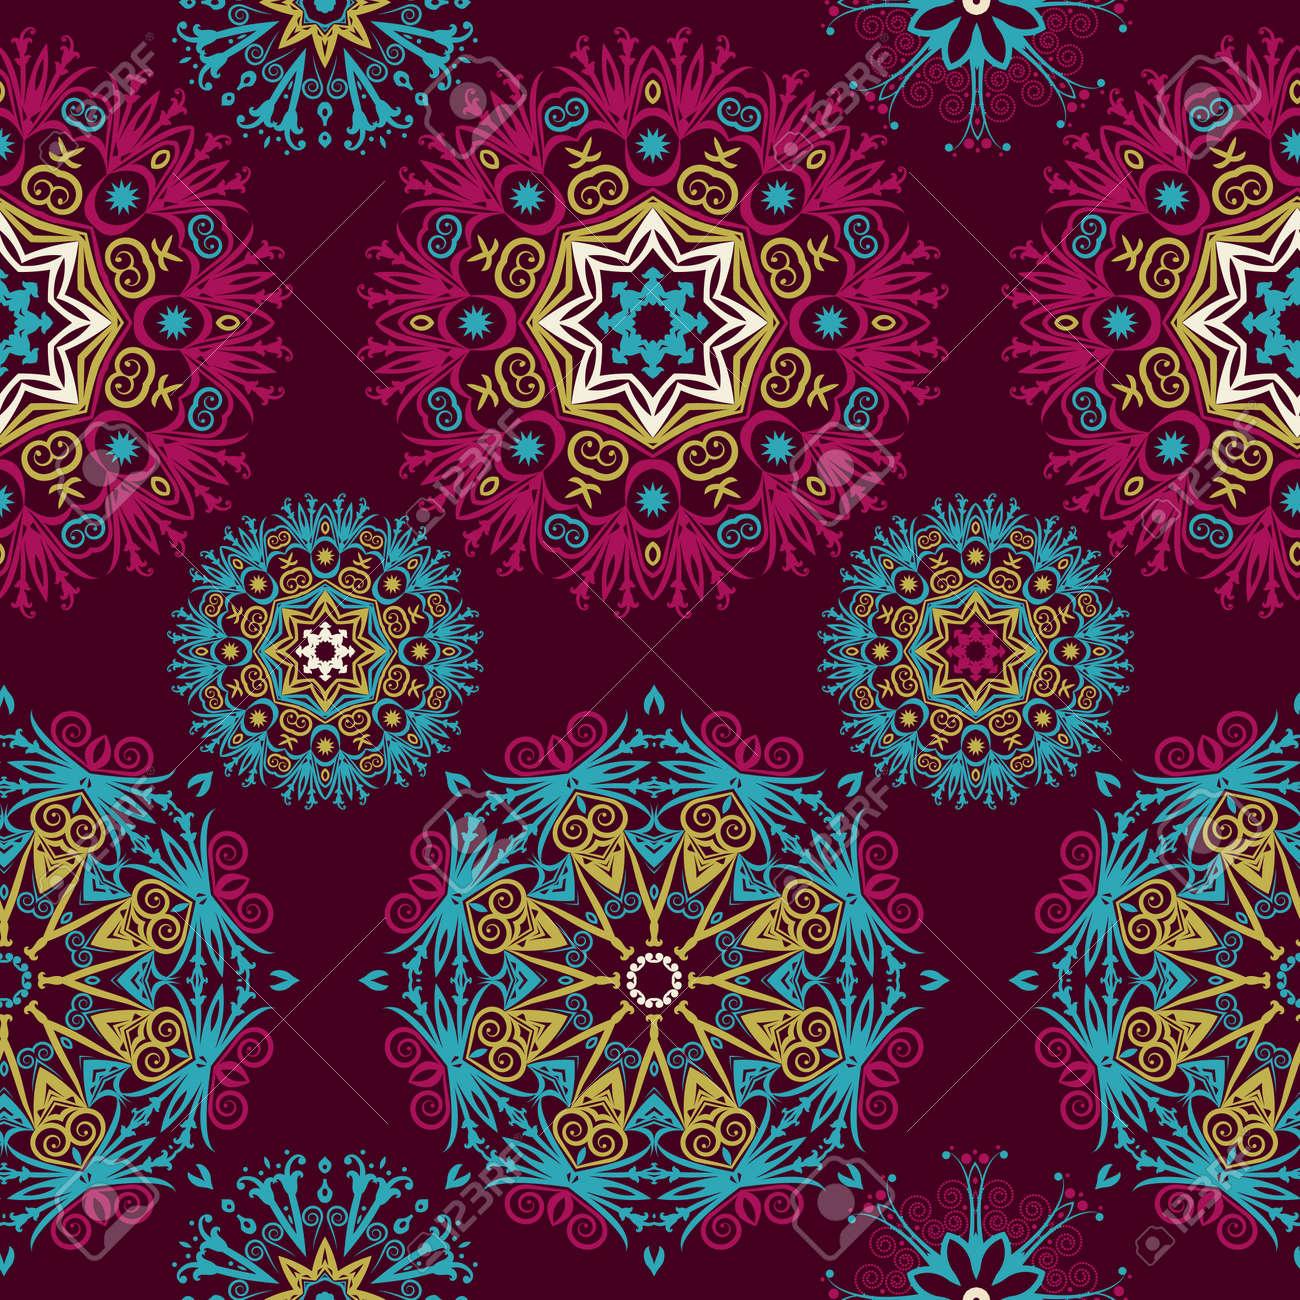 Hermosas Mandalas Fondo Inconsútil Abstracto Con El Patrón Elements